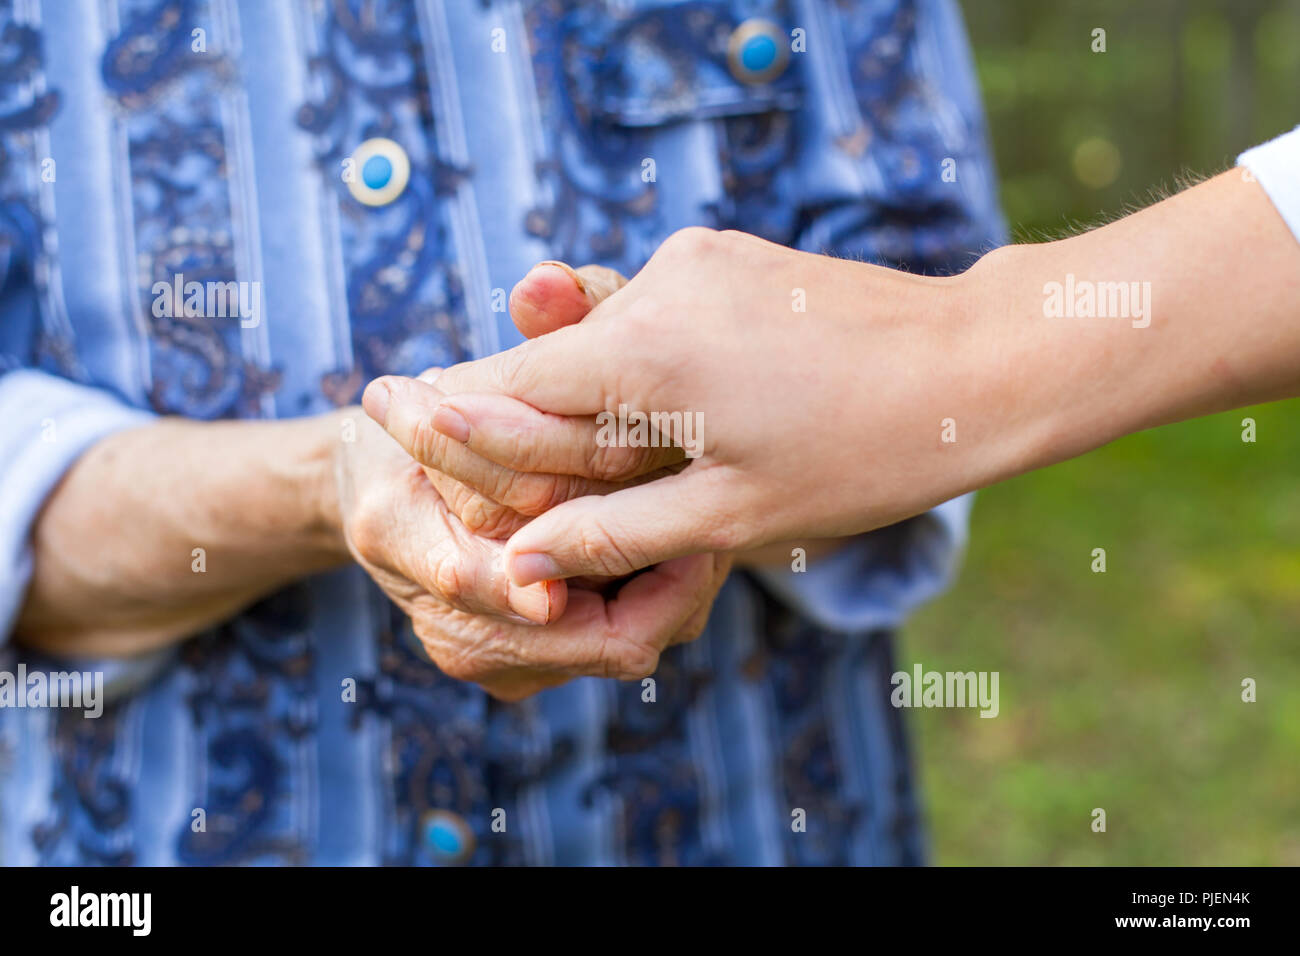 Cerrar imagen de joven mujer sosteniendo su abuela senior arrugadas manos Imagen De Stock